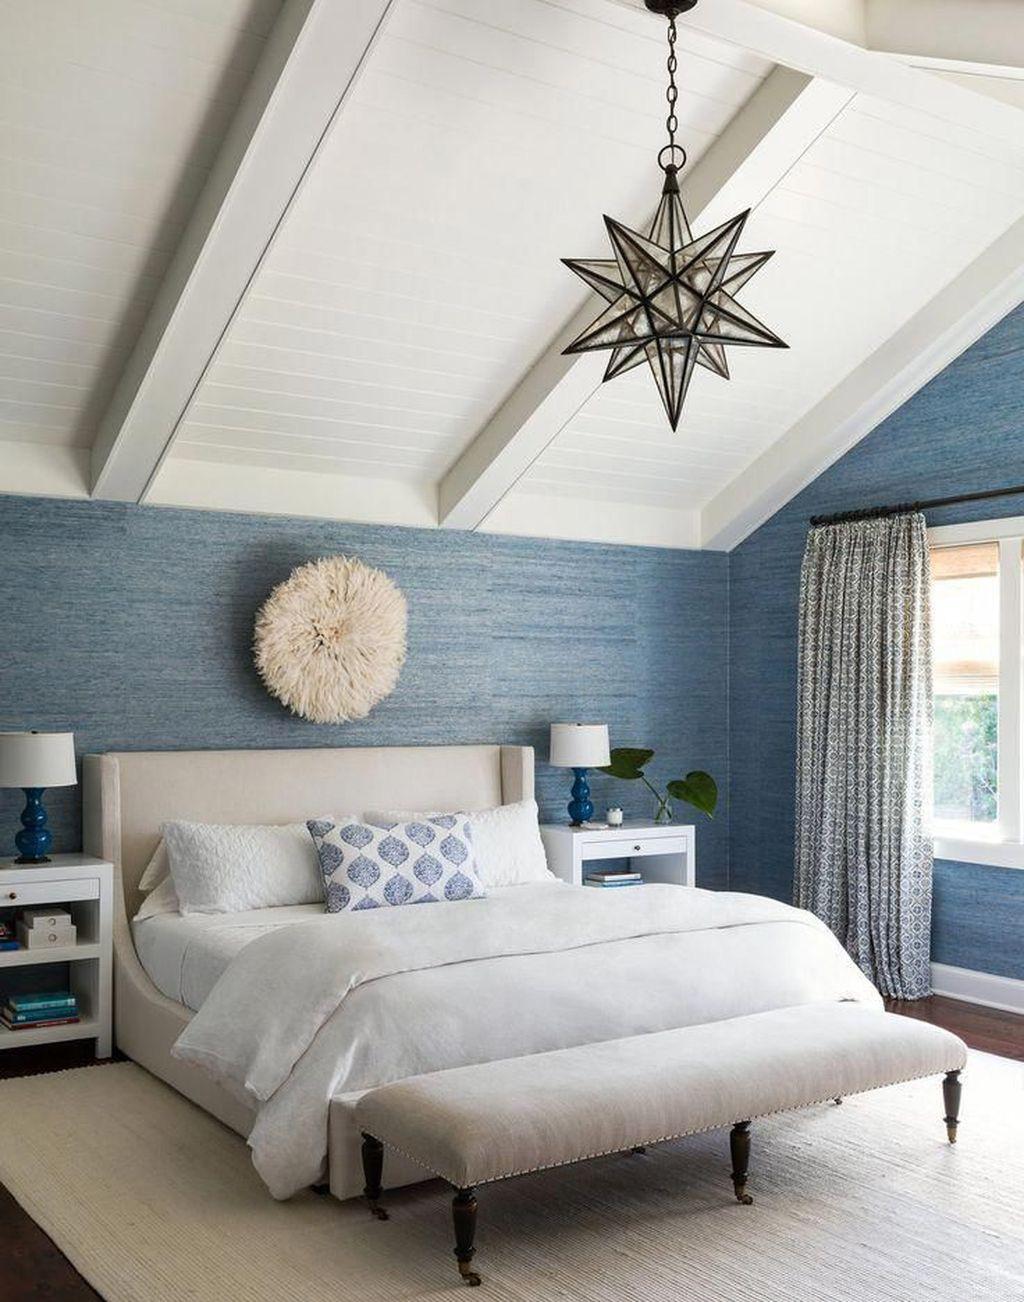 Sức lôi cuốn khó lòng chối từ những căn phòng ngủ mang sắc xanh biển cả - Ảnh 20.